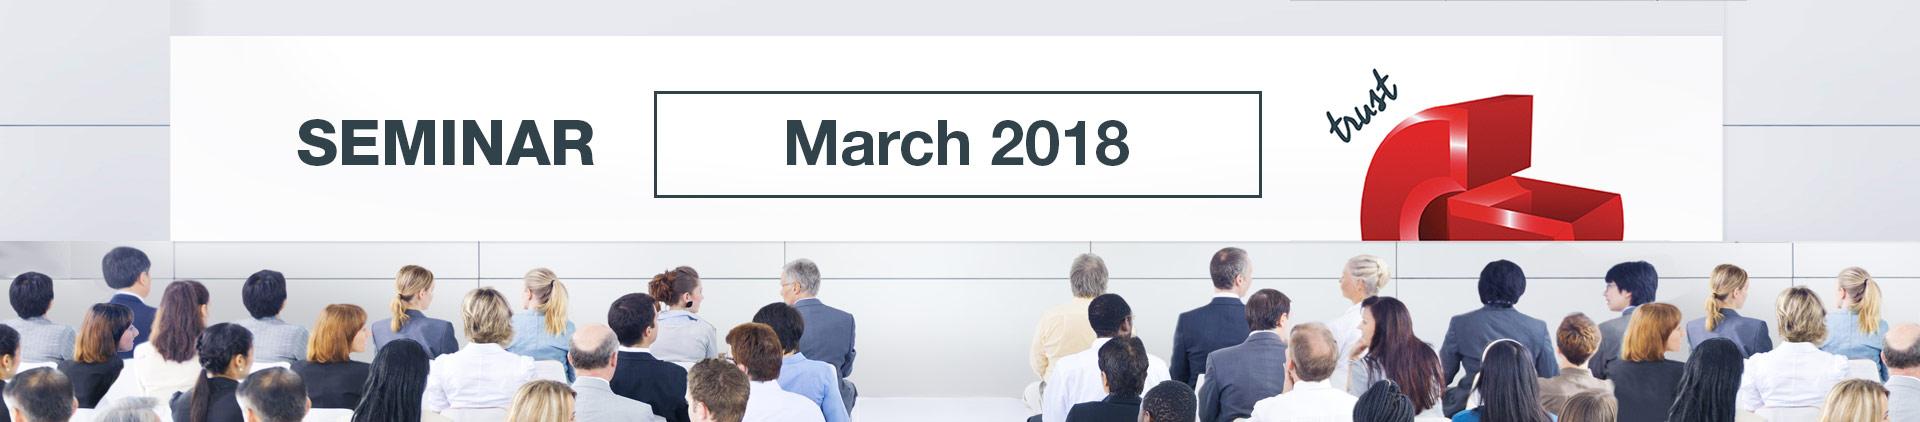 Guild Seminar - March 2018